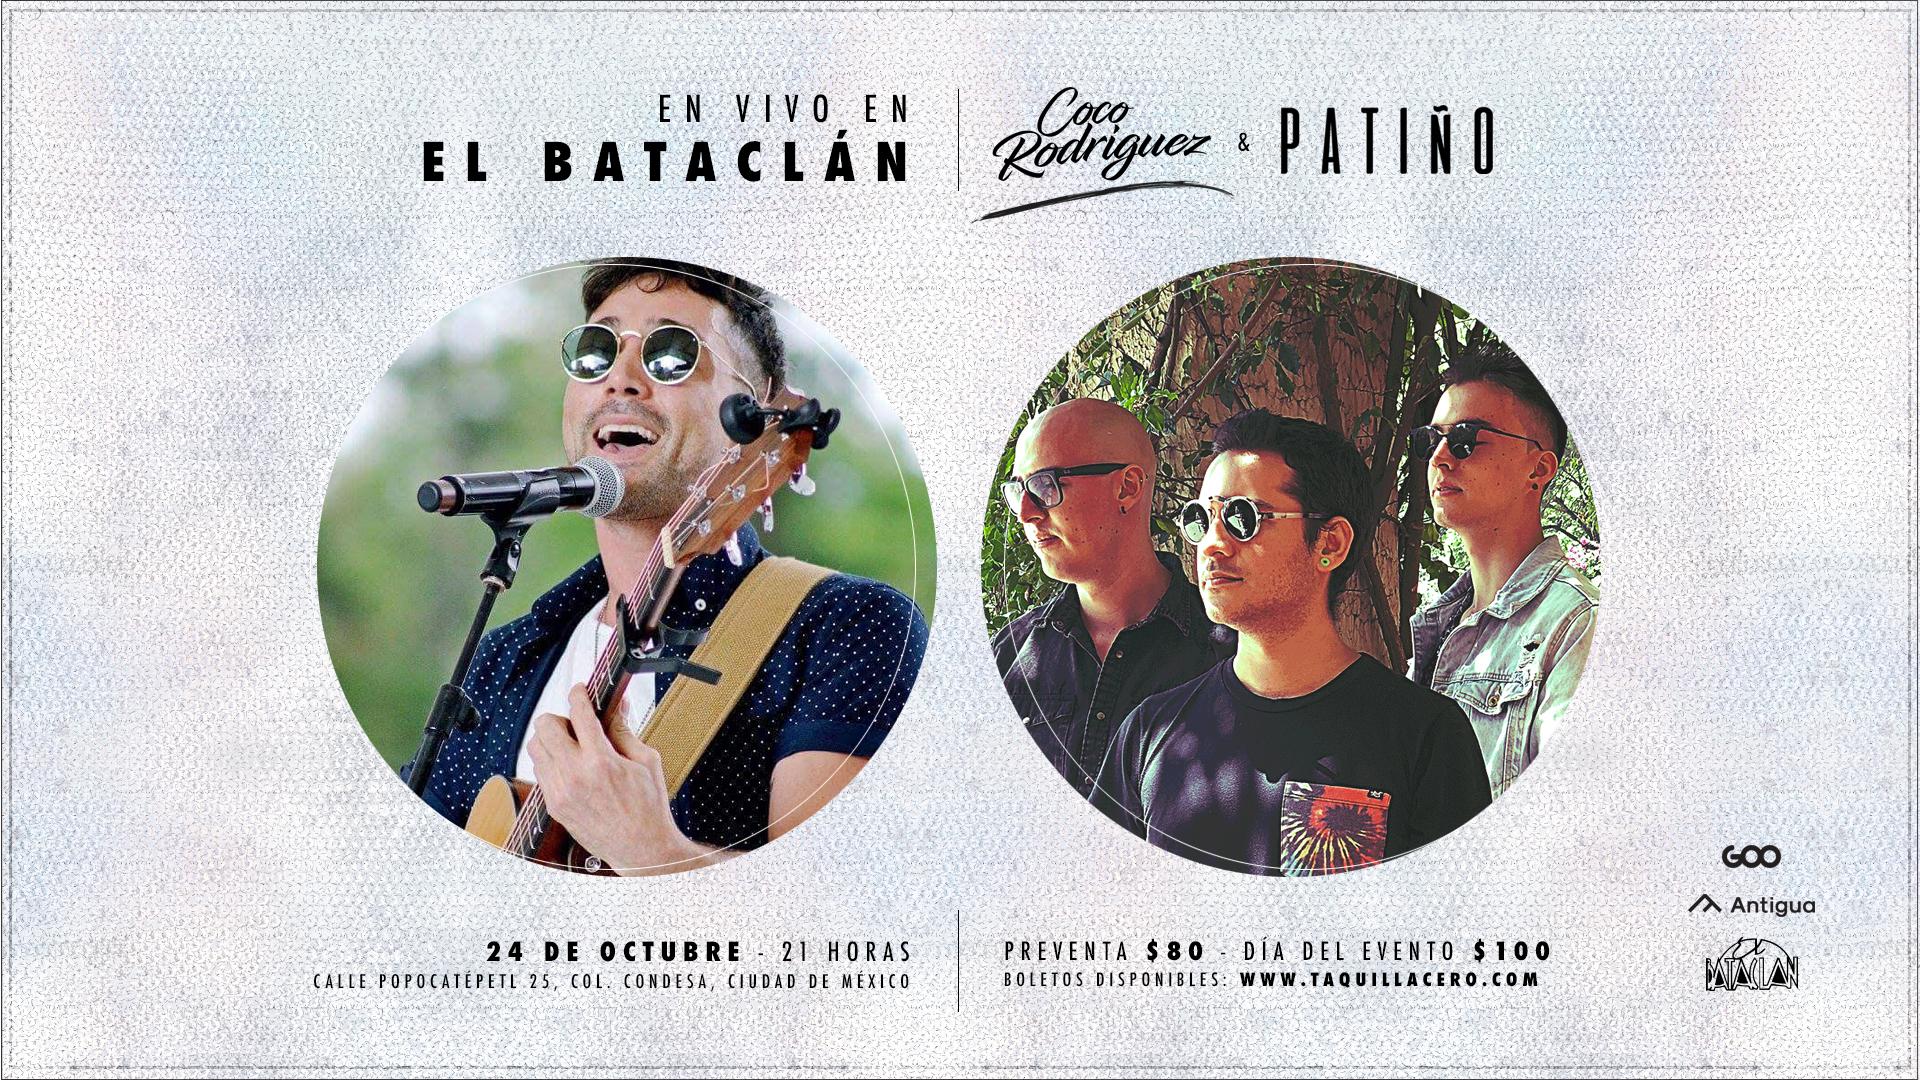 Bataclán-24Octubre-Patiño-Coco.jpg